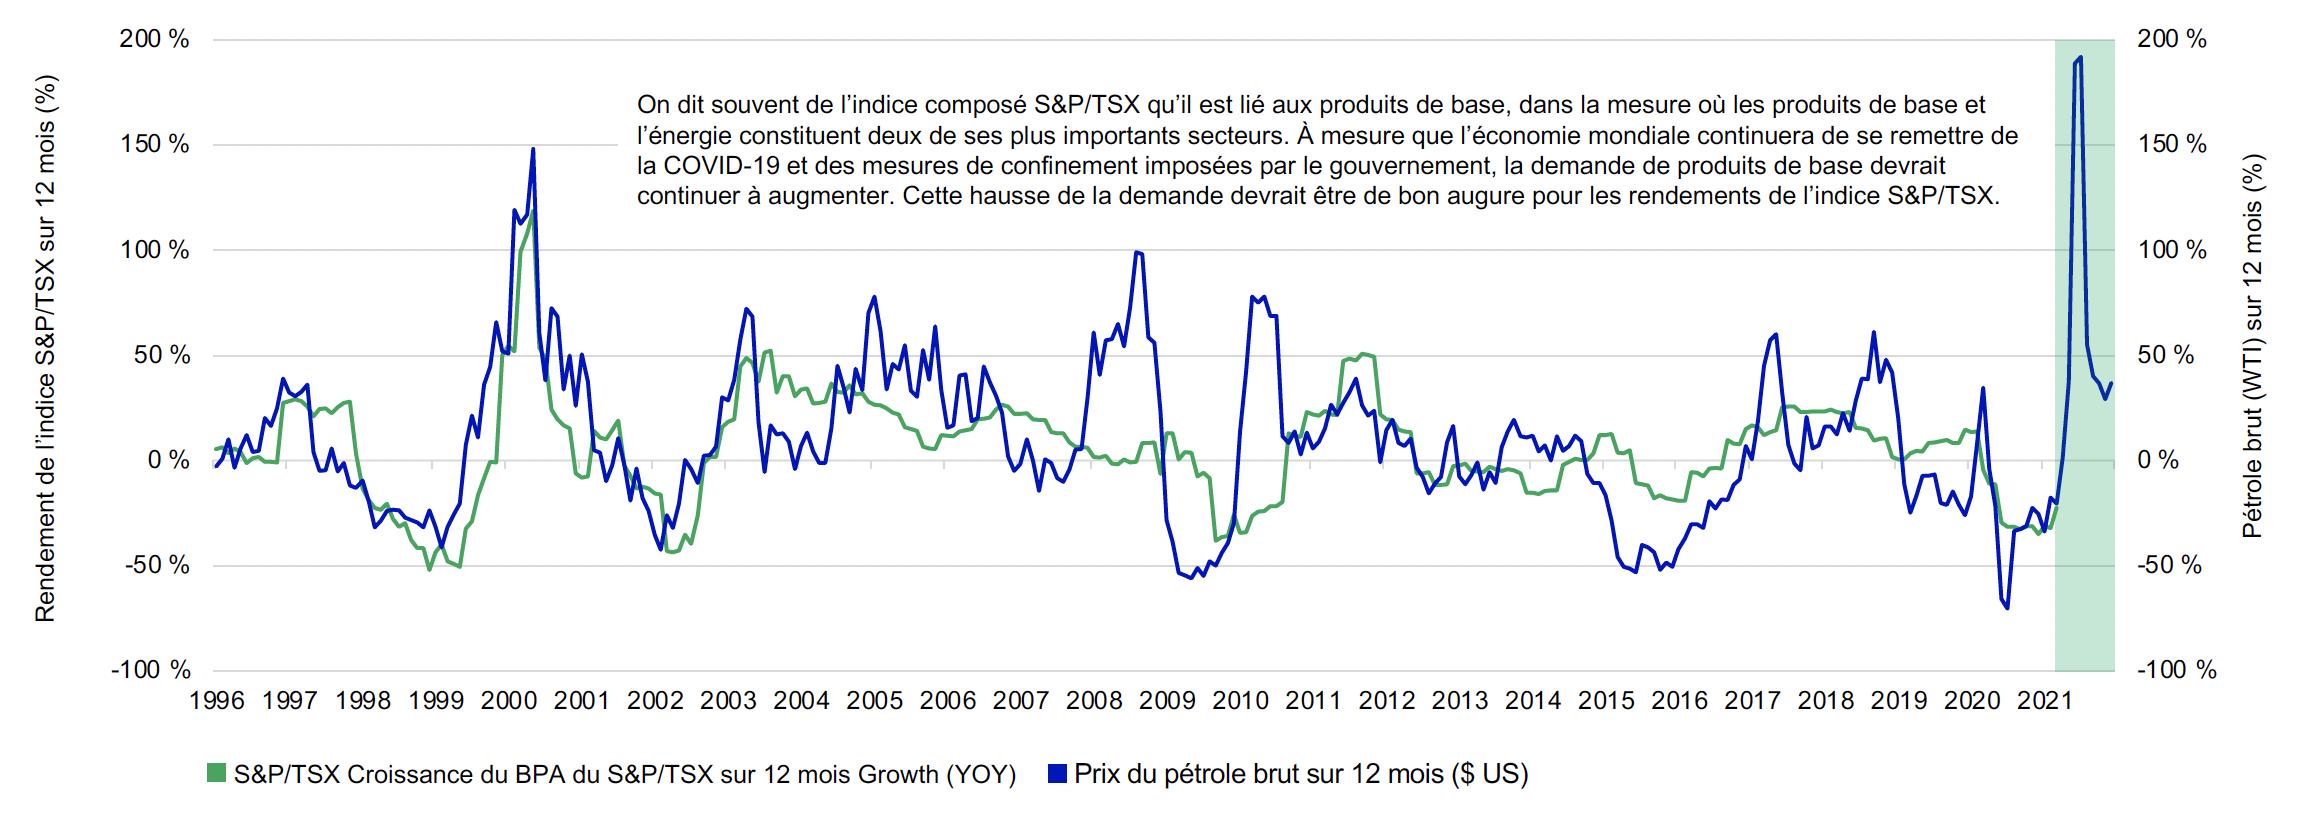 Ce graphique linéaire indique la variation sur 12 mois des prix du pétrole (WTI) et la variation sur 12 mois de la croissance des bénéfices de l'indice S&P/TSX sur une base mensuelle de janvier 1996 à mars 2021. Les données sur la croissance des bénéfices accusent un retard de trois mois. Ces deux lignes sont fortement corrélées. La partie en vert ombragé du côté droit du graphique souligne la poursuite de la variation mensuelle sur 12 mois des prix du pétrole si ceux-ci s'établissaient à 55 $ jusqu'en décembre 2021. La ligne grimpe à 190 % avant de redescendre à 30 %.